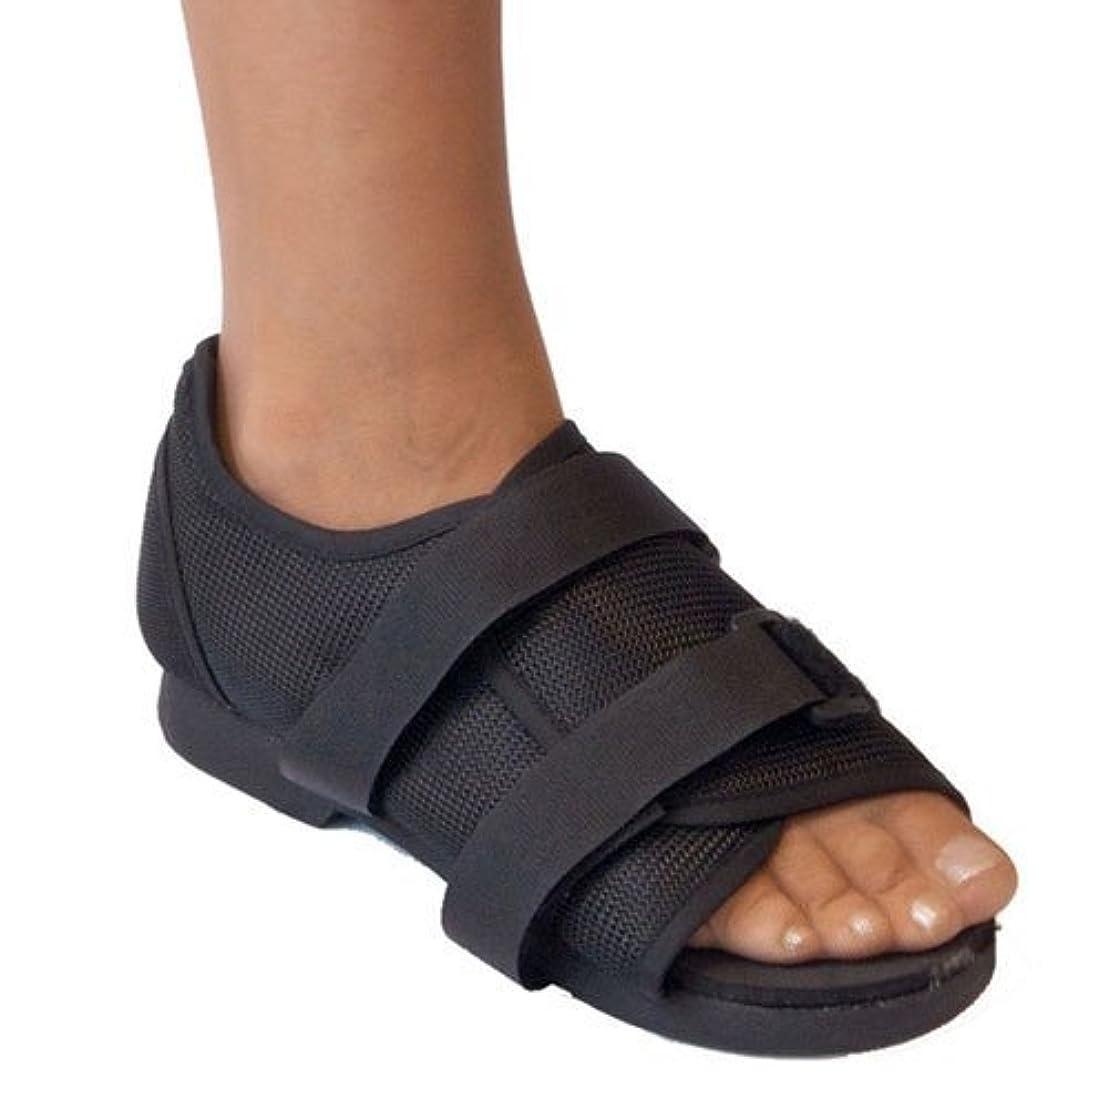 フロンティアよろめくラフ睡眠術後靴、メディカルウォーキング、骨折した骨の耐久性のあるつま先整形外科サポートブレース。,S